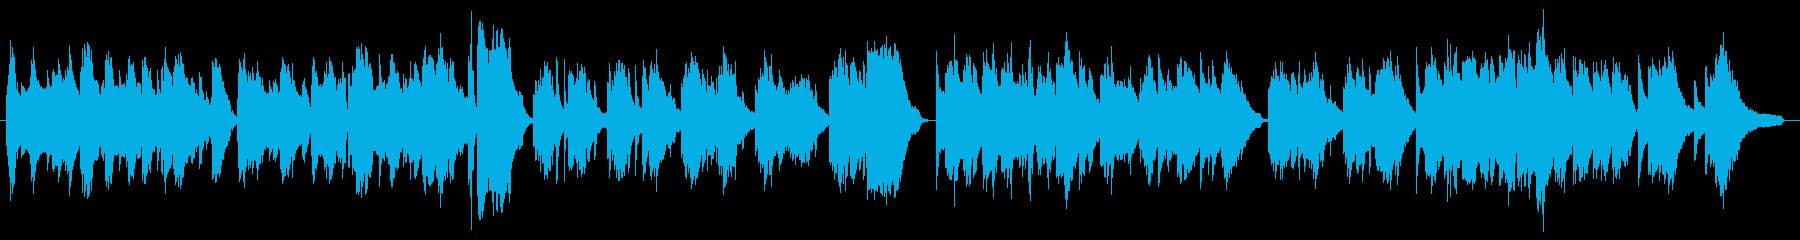 秋から冬にかけての情景を思わせるピアノ曲の再生済みの波形